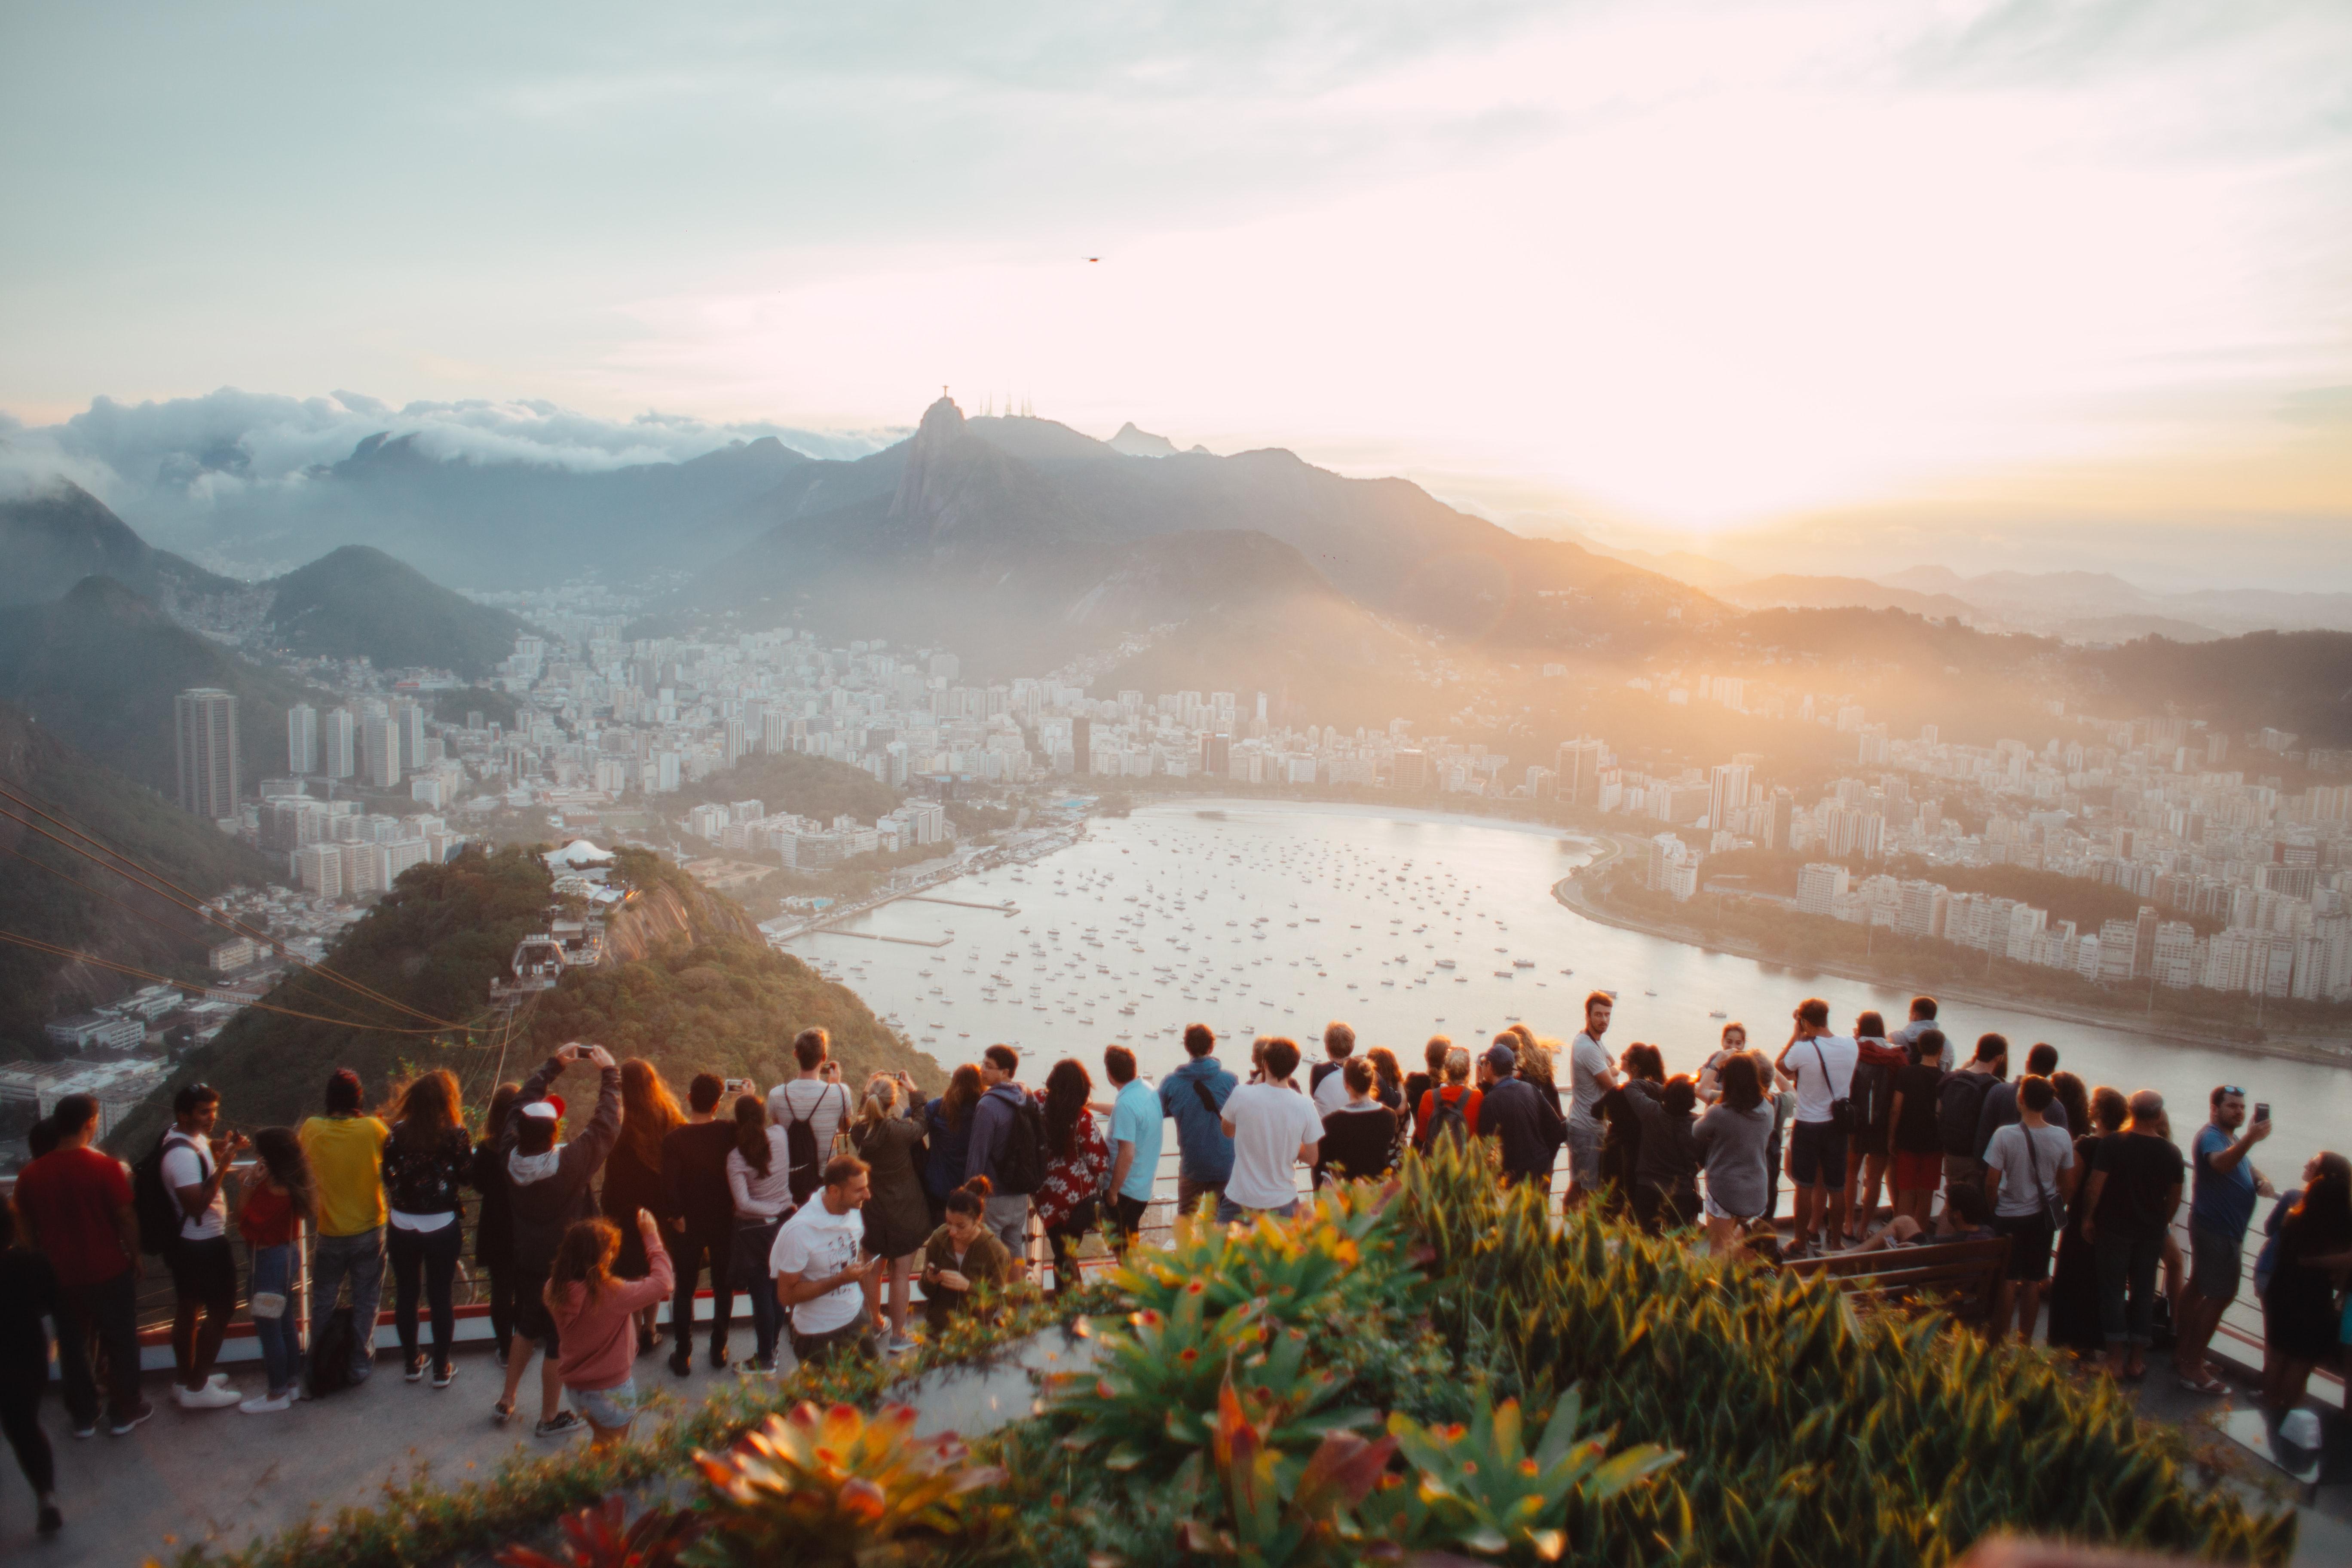 Bienvenida a los turistas europeos, las principales tendencias en los destinos de viaje